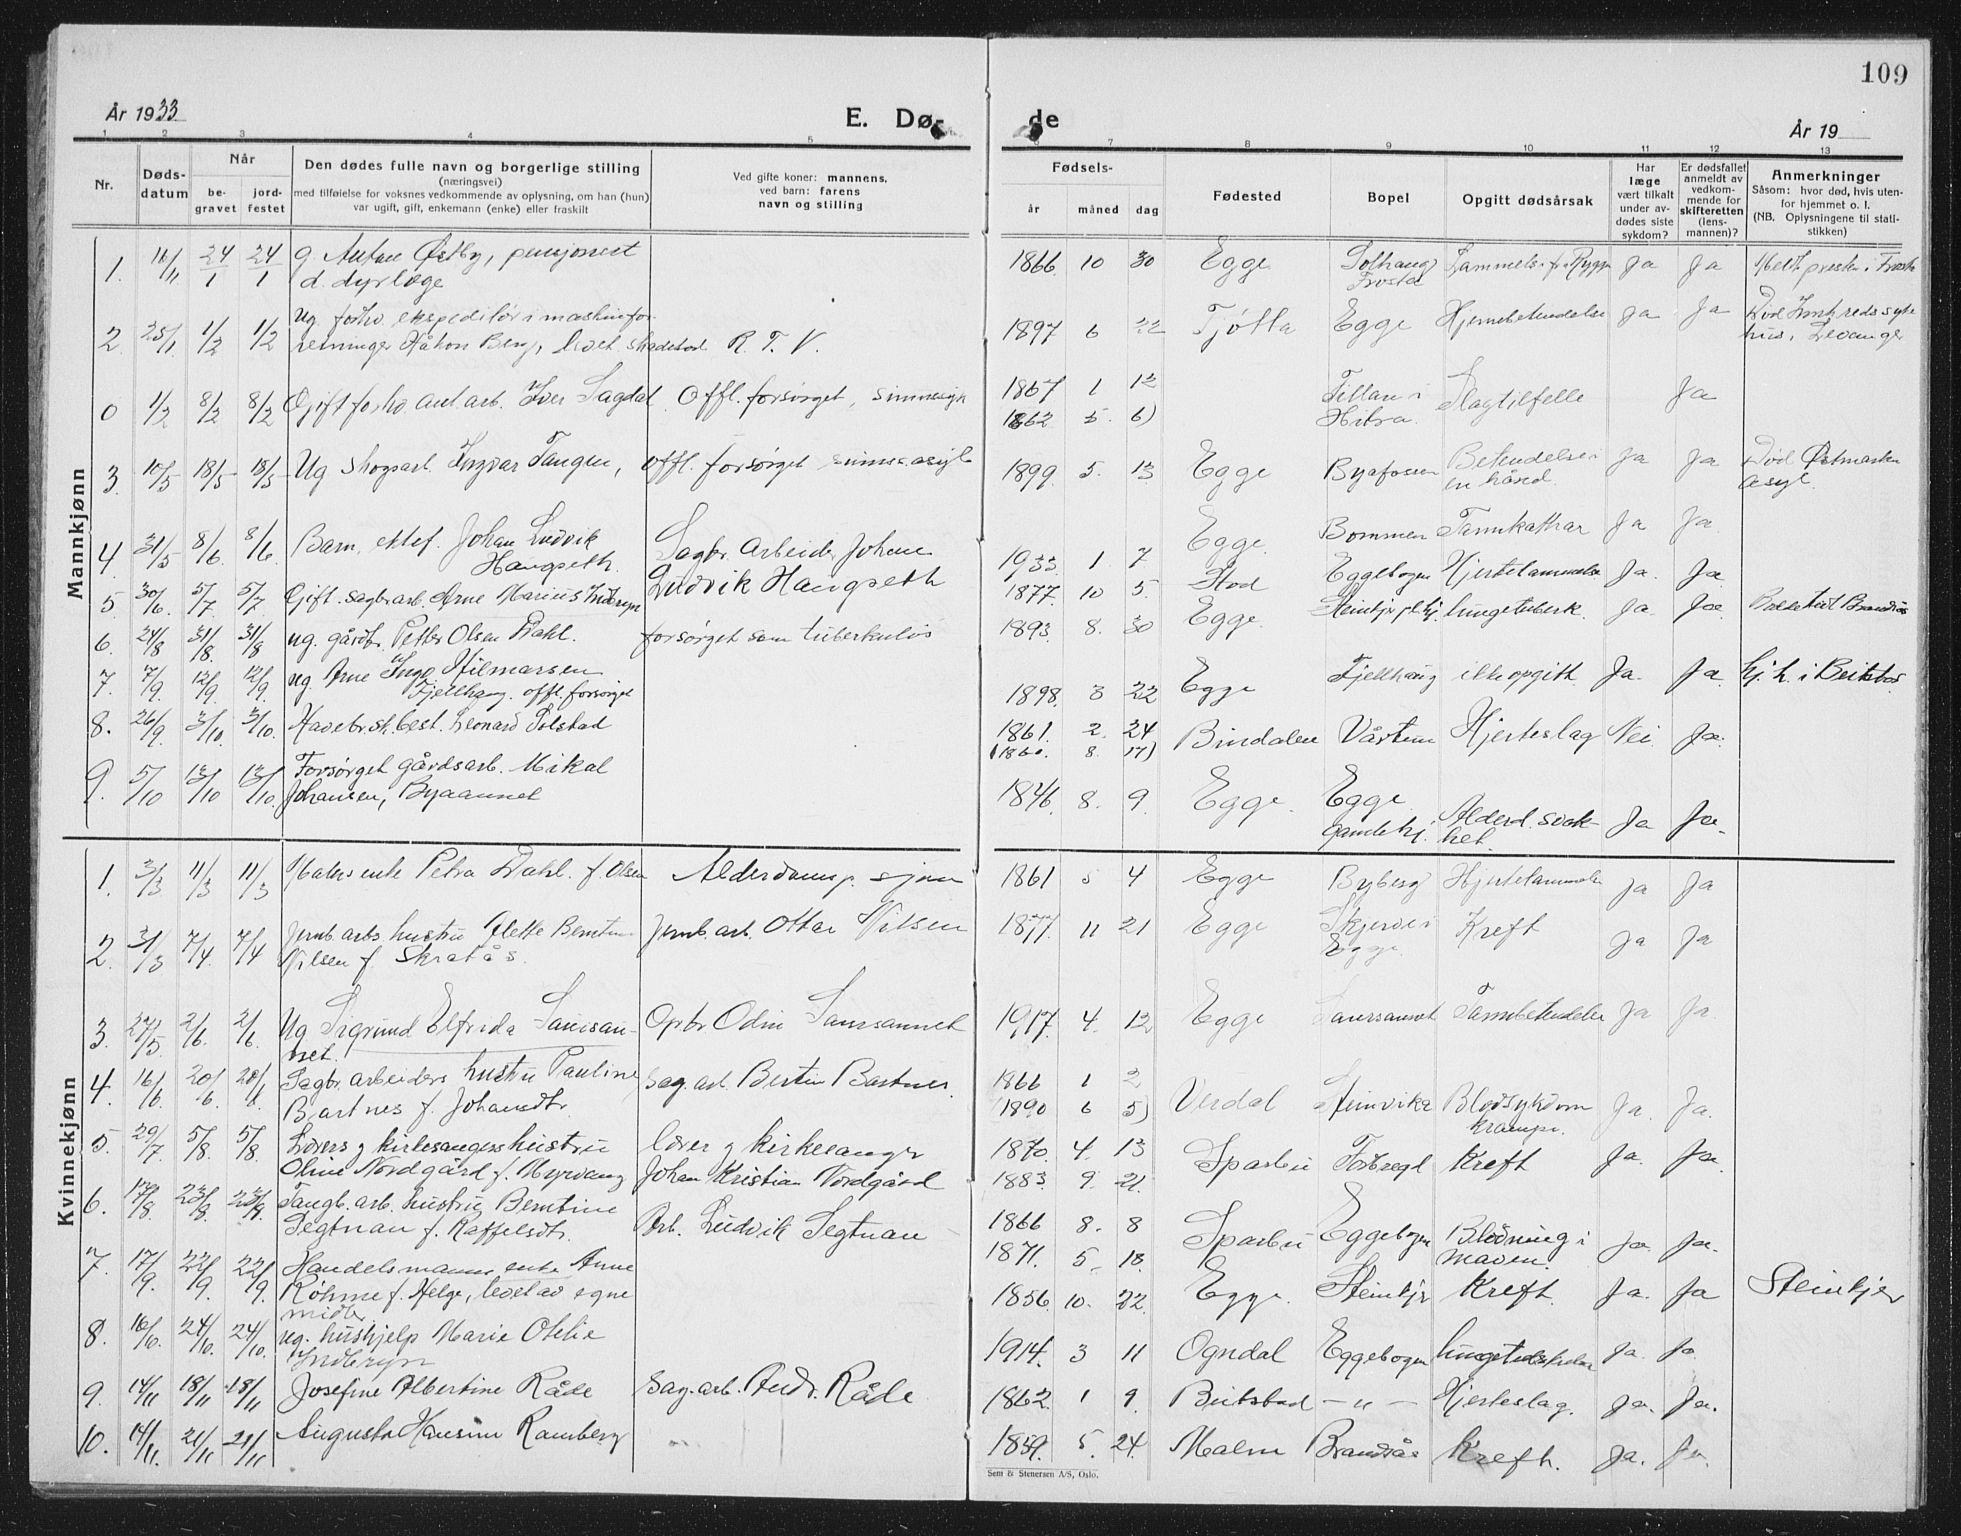 SAT, Ministerialprotokoller, klokkerbøker og fødselsregistre - Nord-Trøndelag, 740/L0383: Klokkerbok nr. 740C04, 1927-1939, s. 109